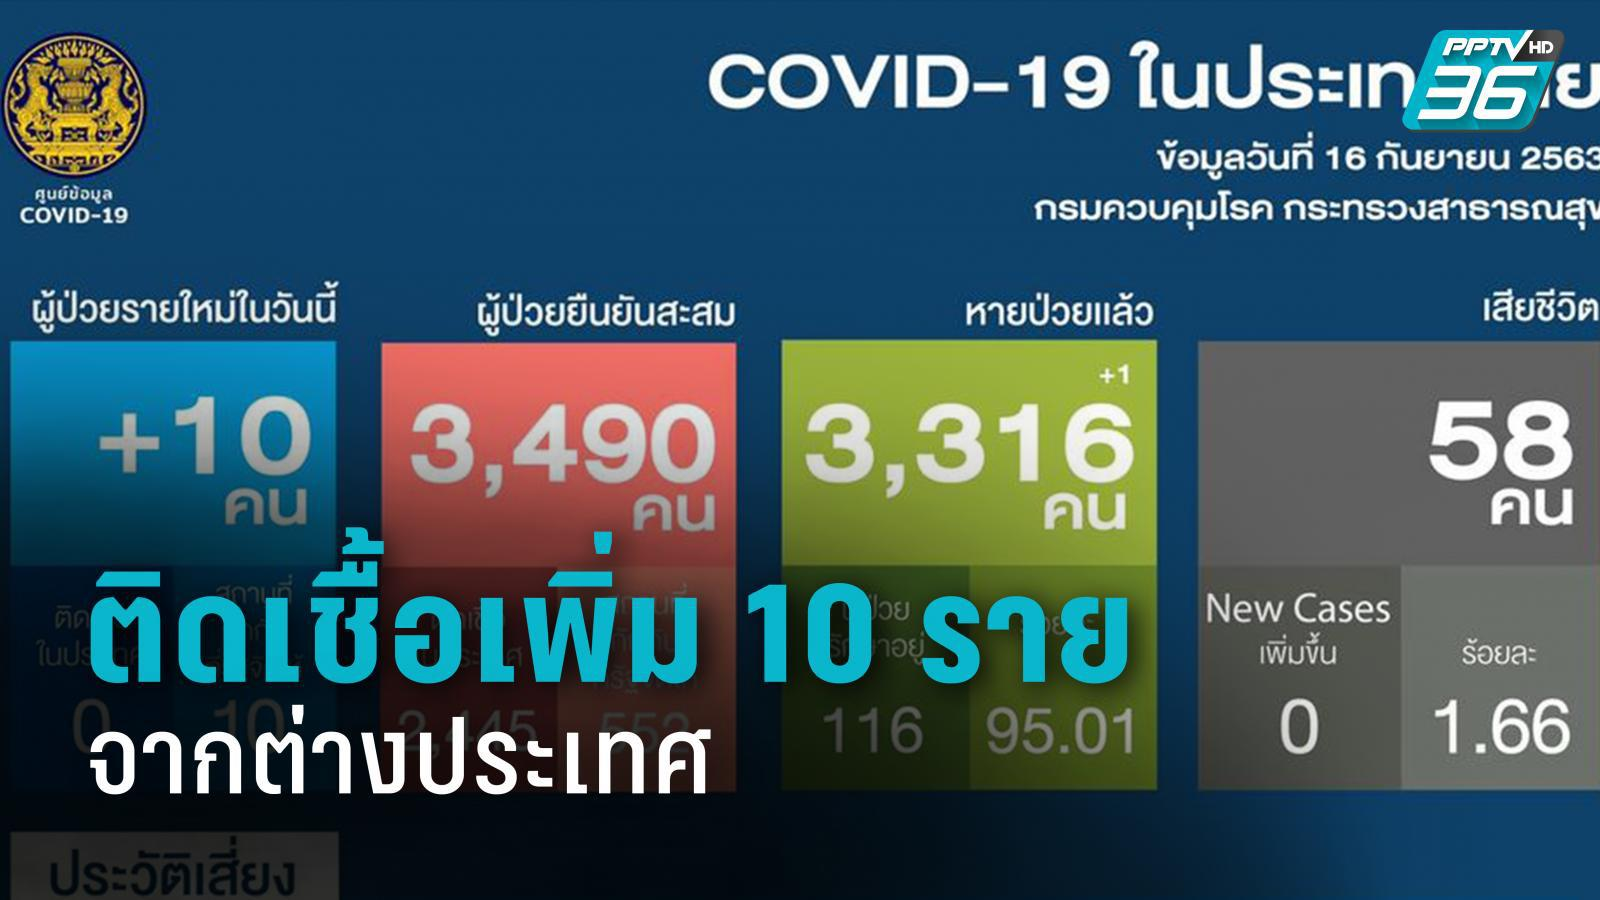 พบติดเชื้อโควิด-19 รายใหม่ 10 ราย มาจากต่างประเทศ